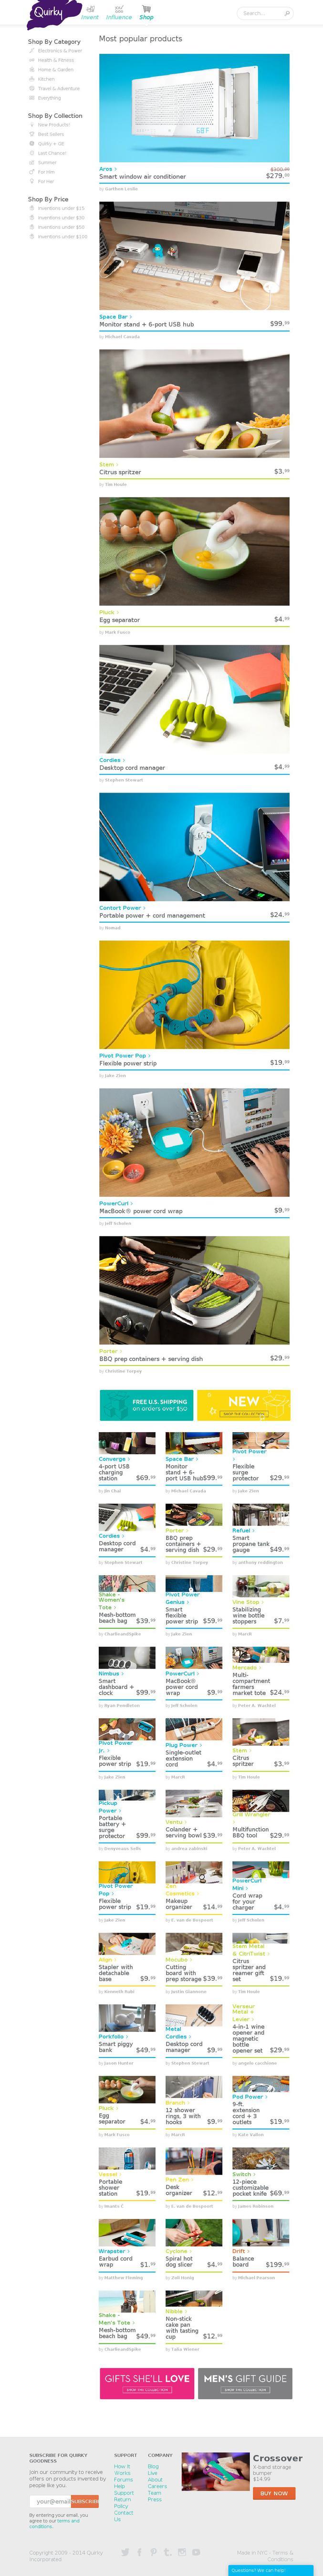 Quirky est un site sympa pour acheter et inventer des trucs. Il y a deux volets: AHCAT et INVENTION  Le site est rempli de petit gadgets sympas qui ont été pensés par un inventeur et réalisé et commercialisé par le site. L'inventeur touche une part des ventes sans aucun investissement de sa part.